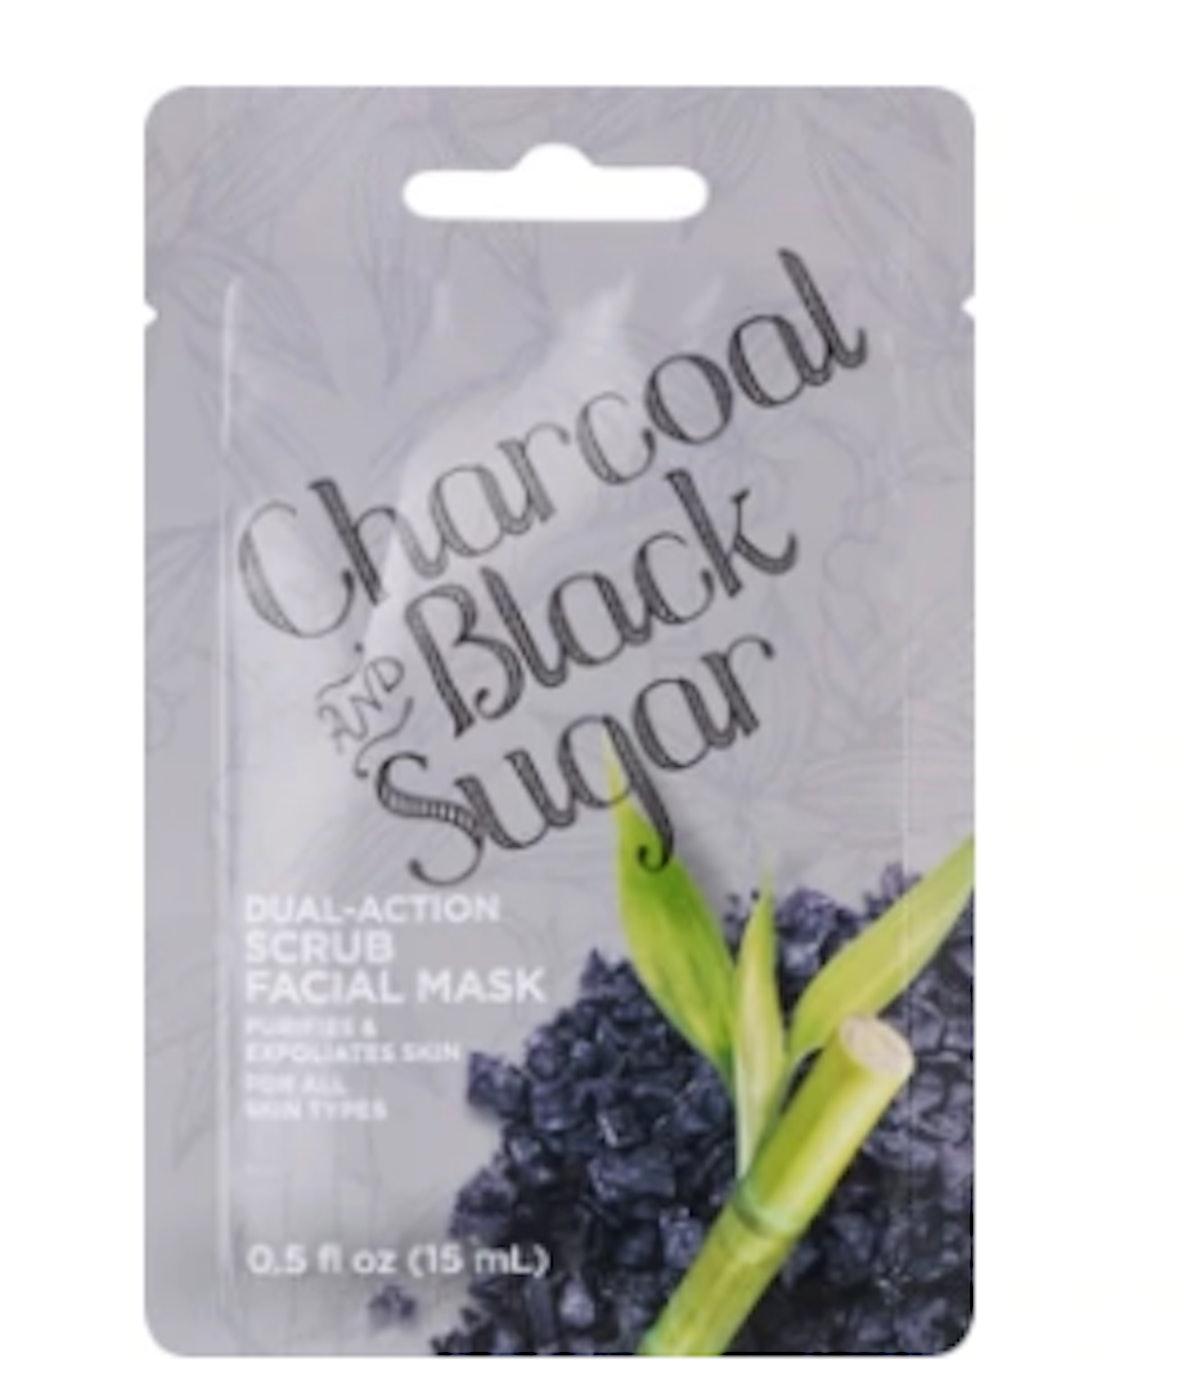 Charcoal And Black Sugar Dual Action Scrub Facial Mask